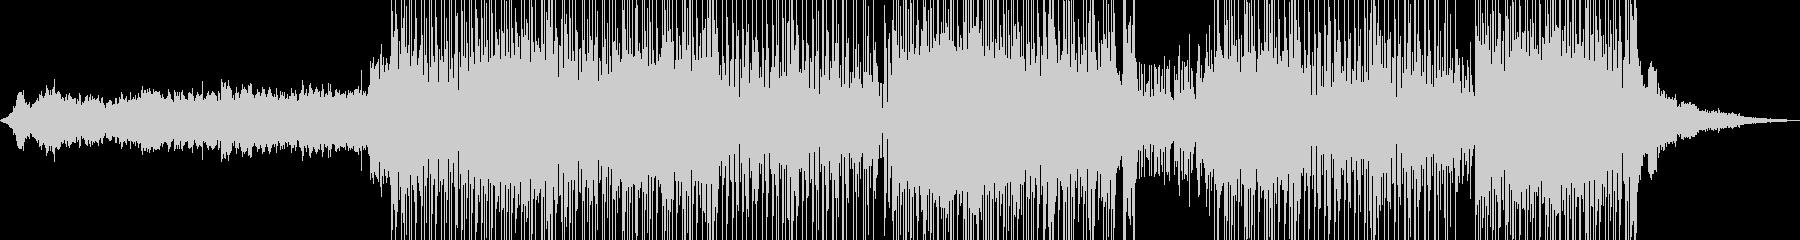 琴・尺八・レトロな演歌調ポップ+の未再生の波形